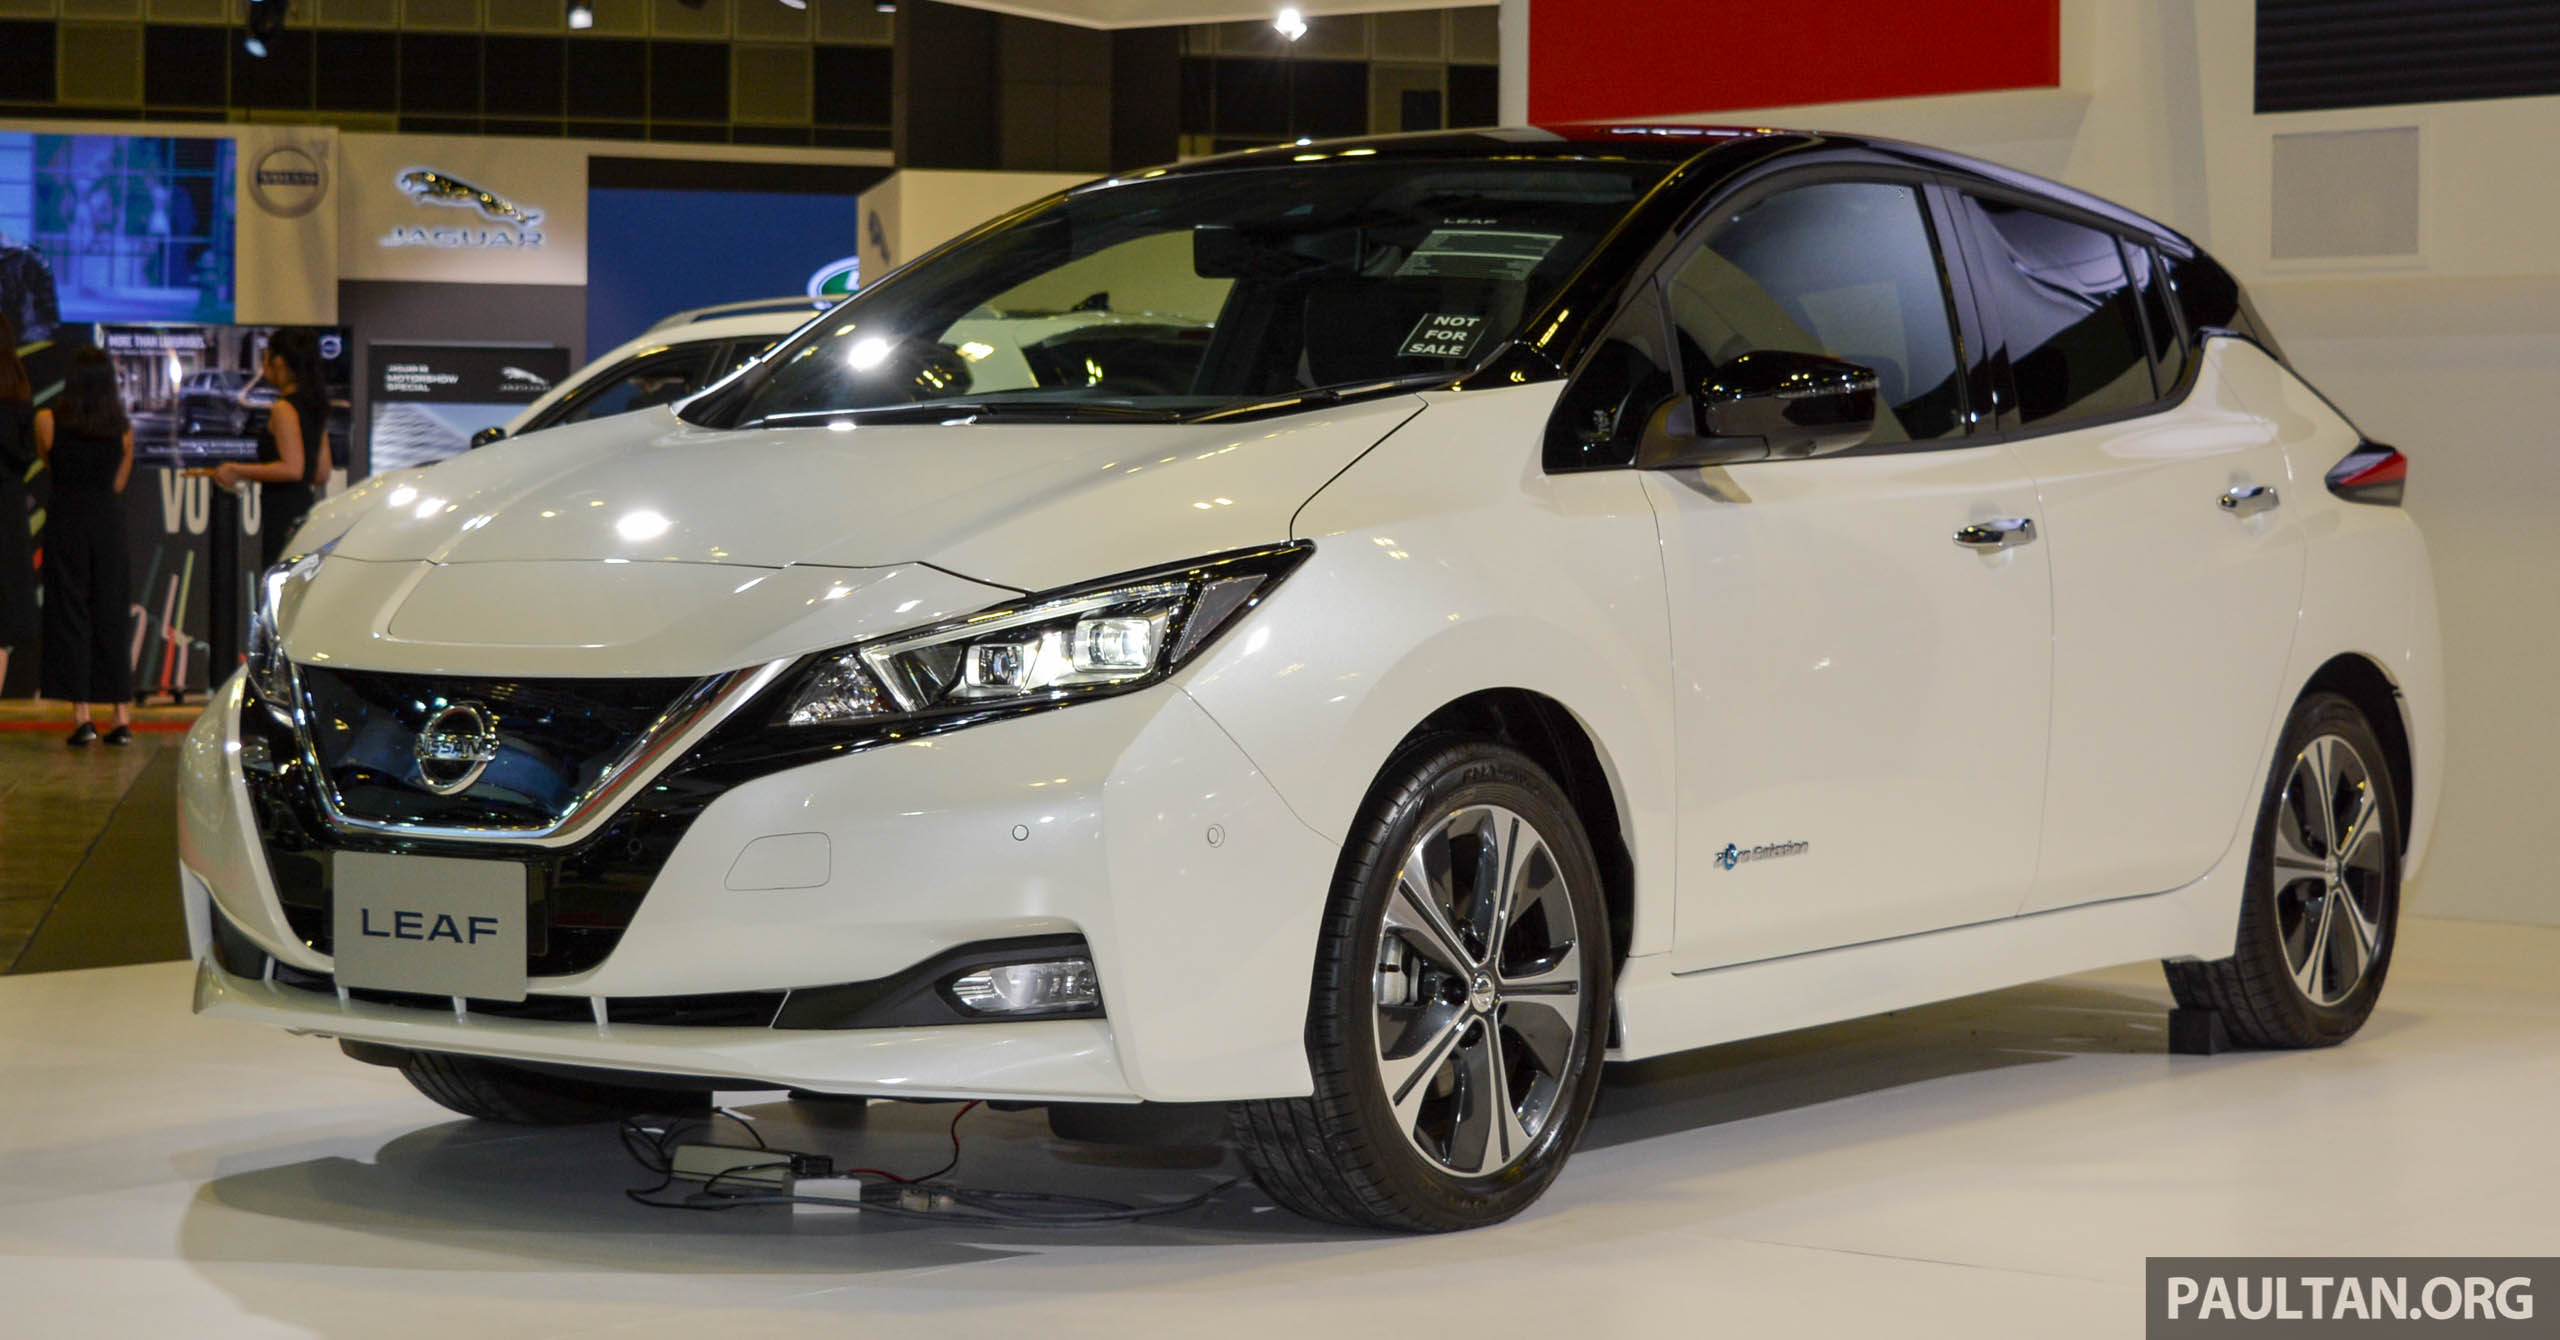 图集:2018 Nissan Leaf 新加坡车展展出, 今年登陆大马! Nissan Leaf SG 1 ...